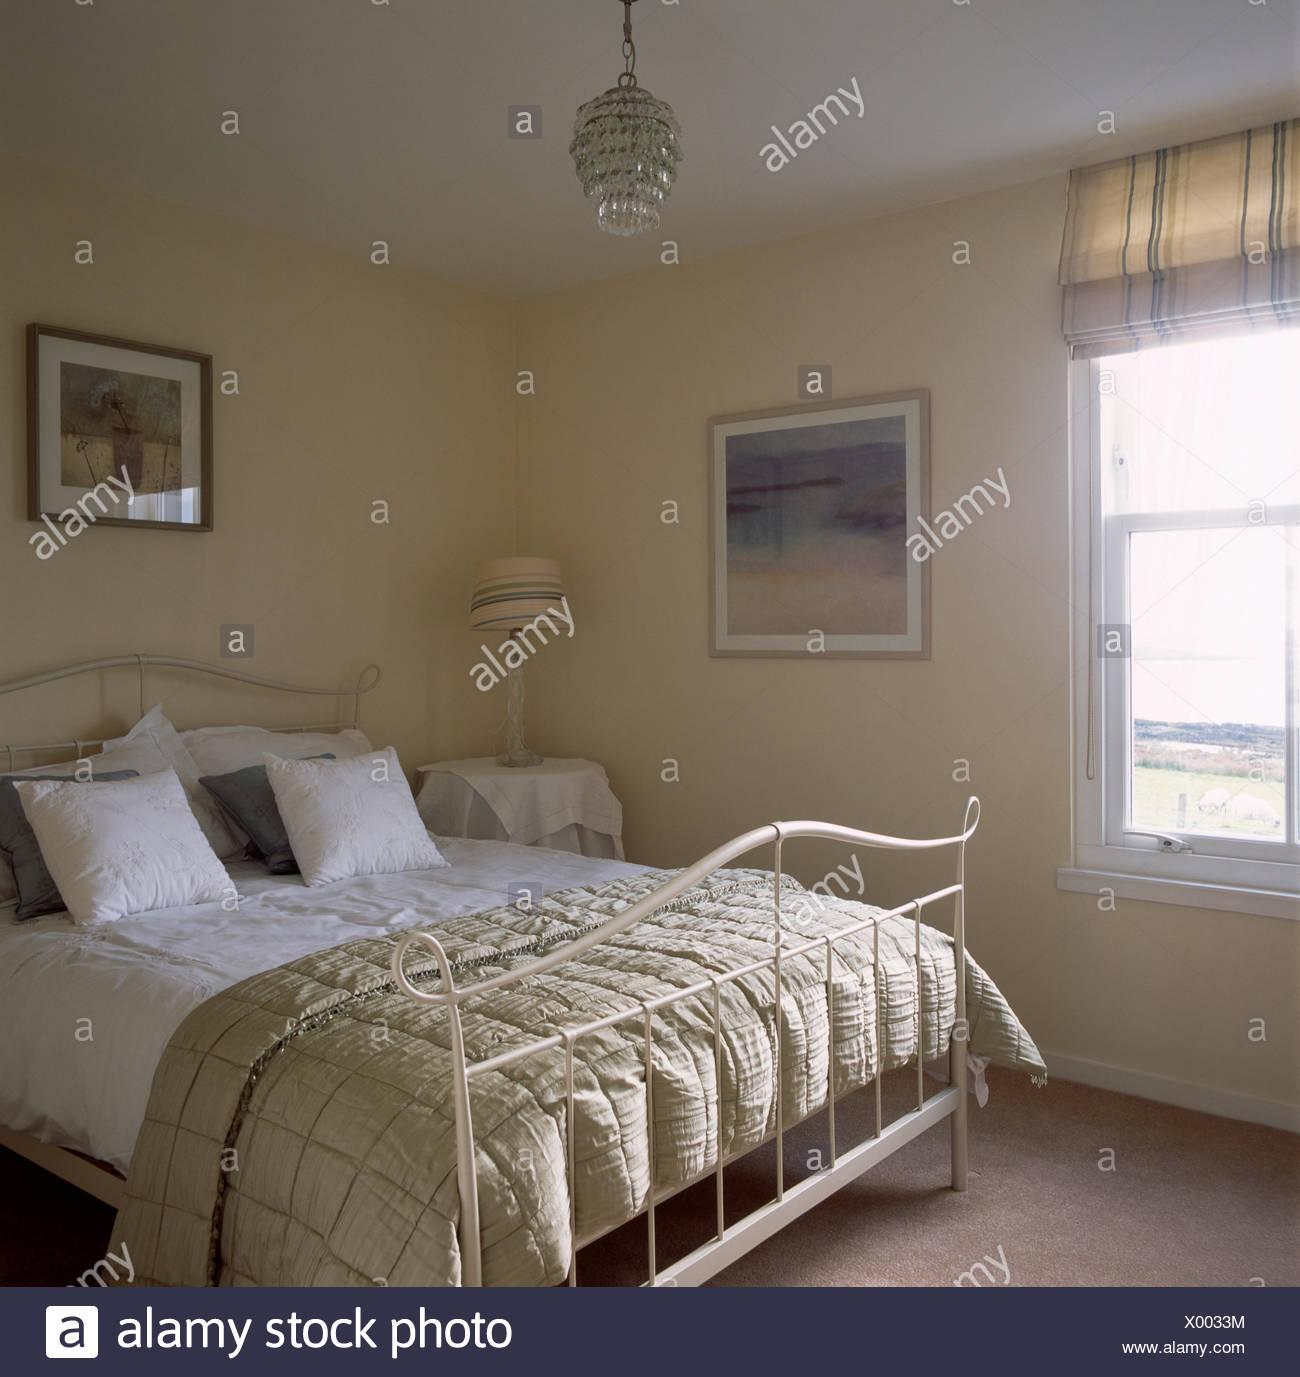 Beige Seide Quilt Und Weiße Bettwäsche Auf Creme Metall In Einfache Blass  Gelbe Küsten Schlafzimmer